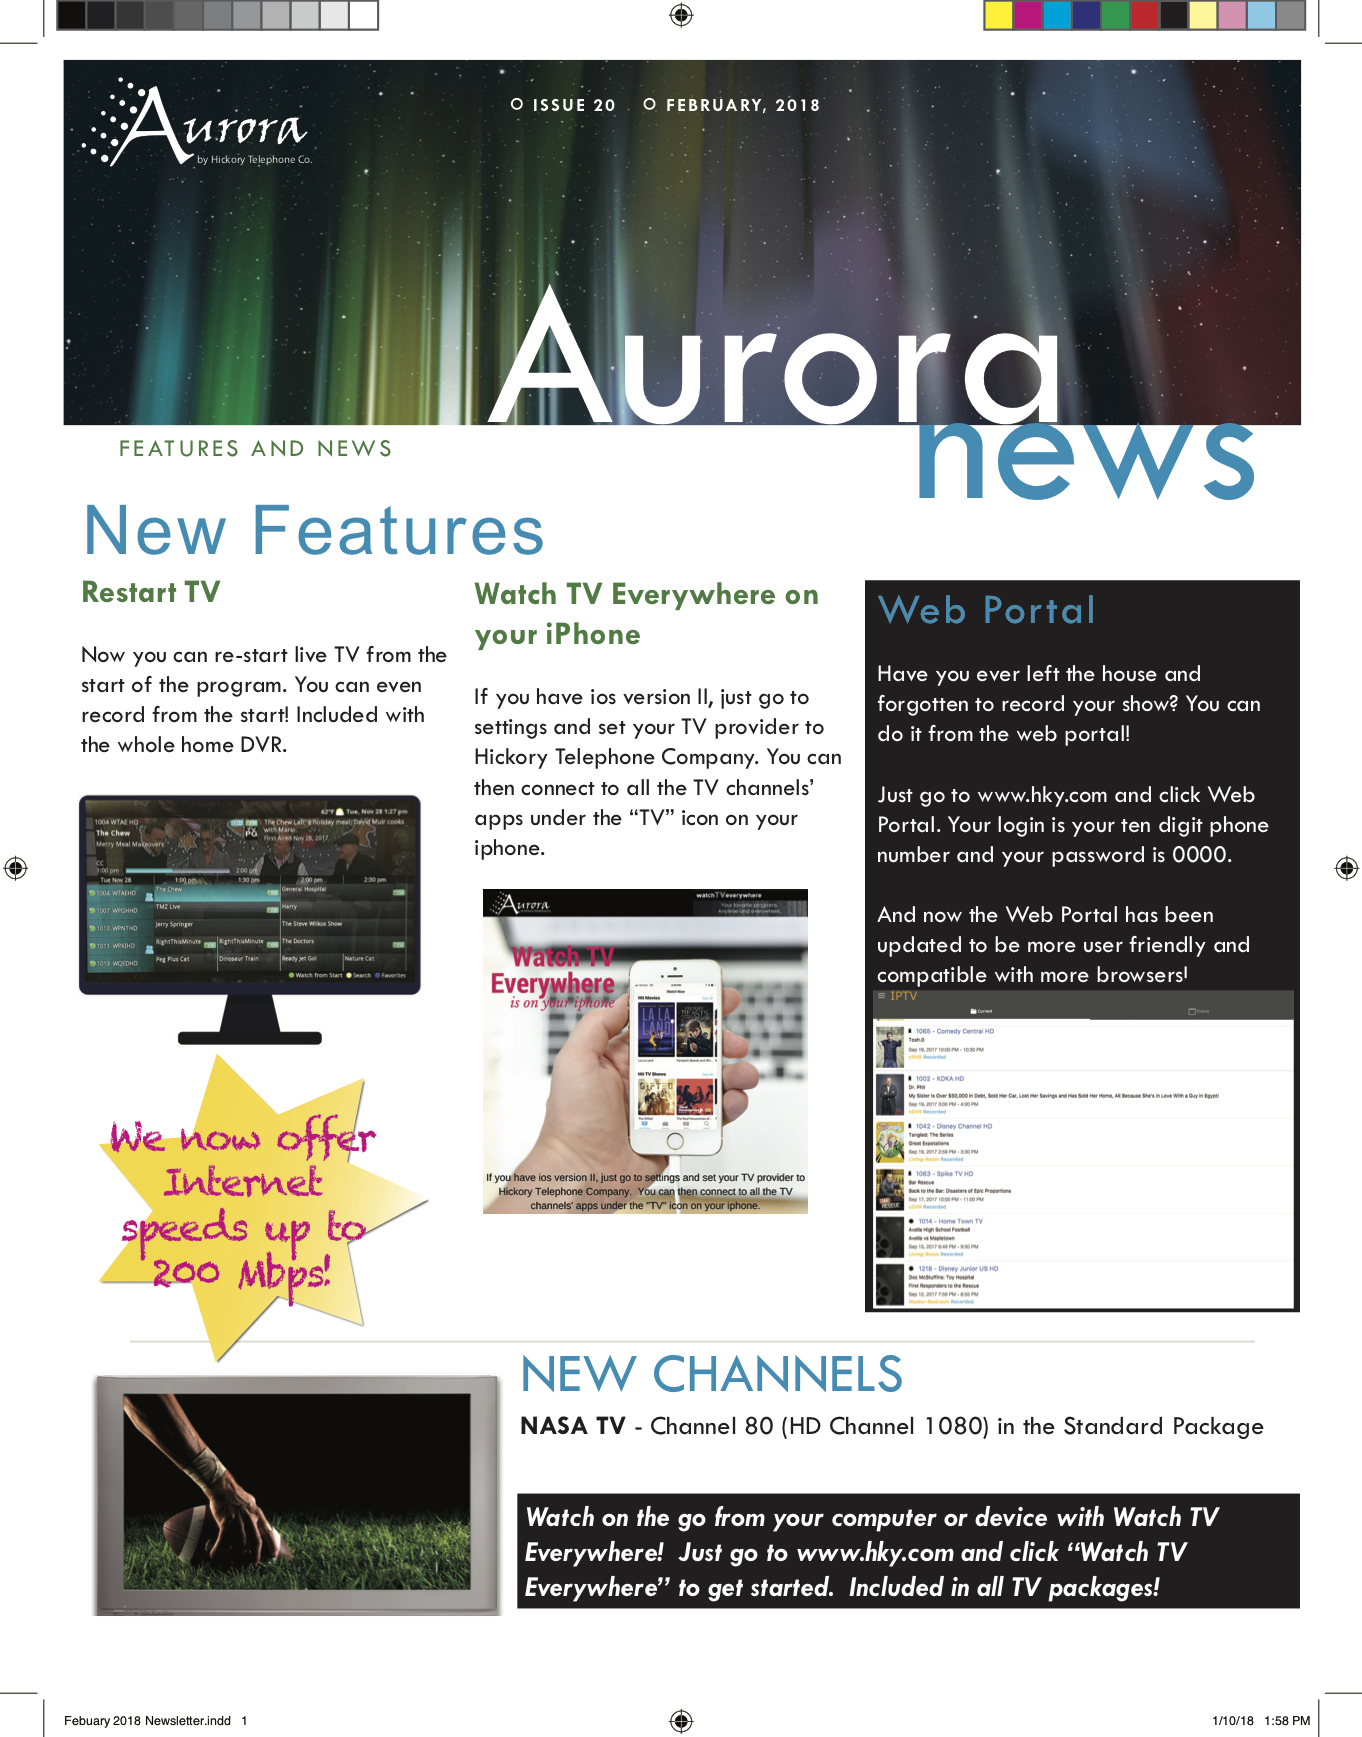 aurora newsletter.jpg